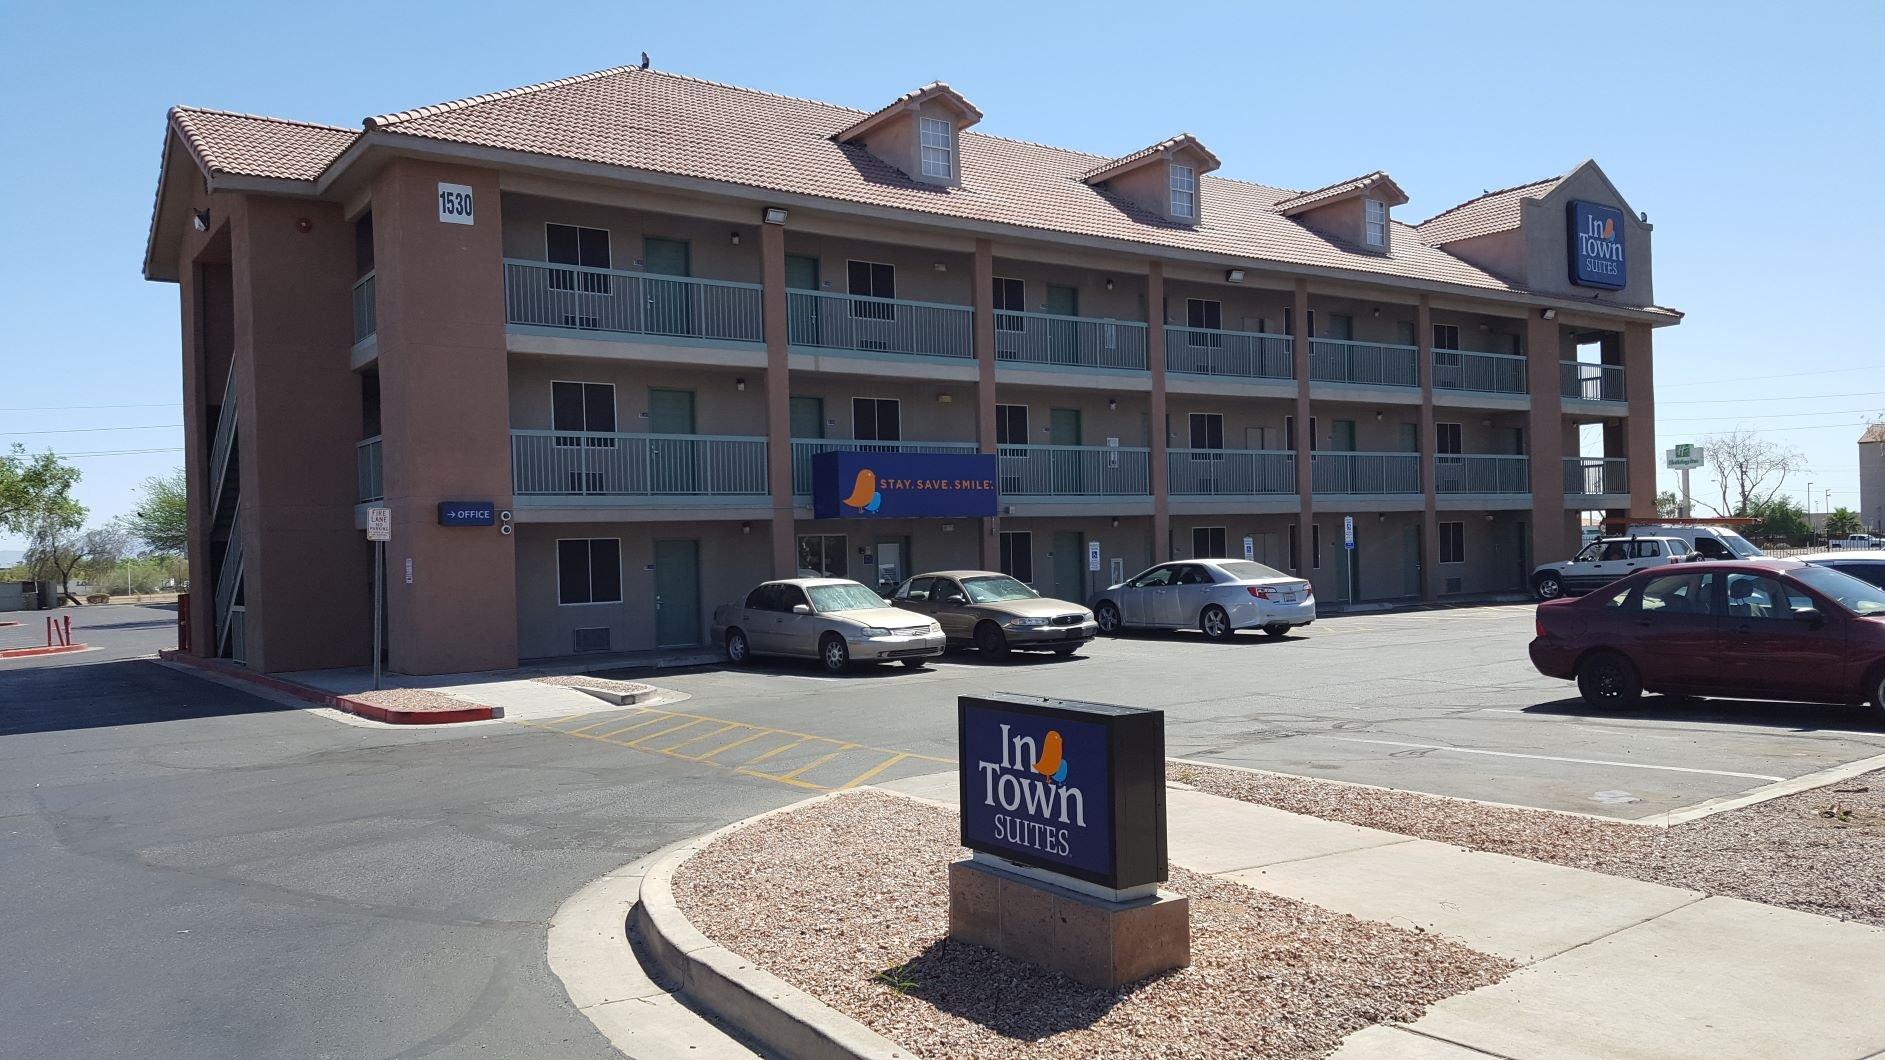 InTown Suites Extended Stay Phoenix AZ - West